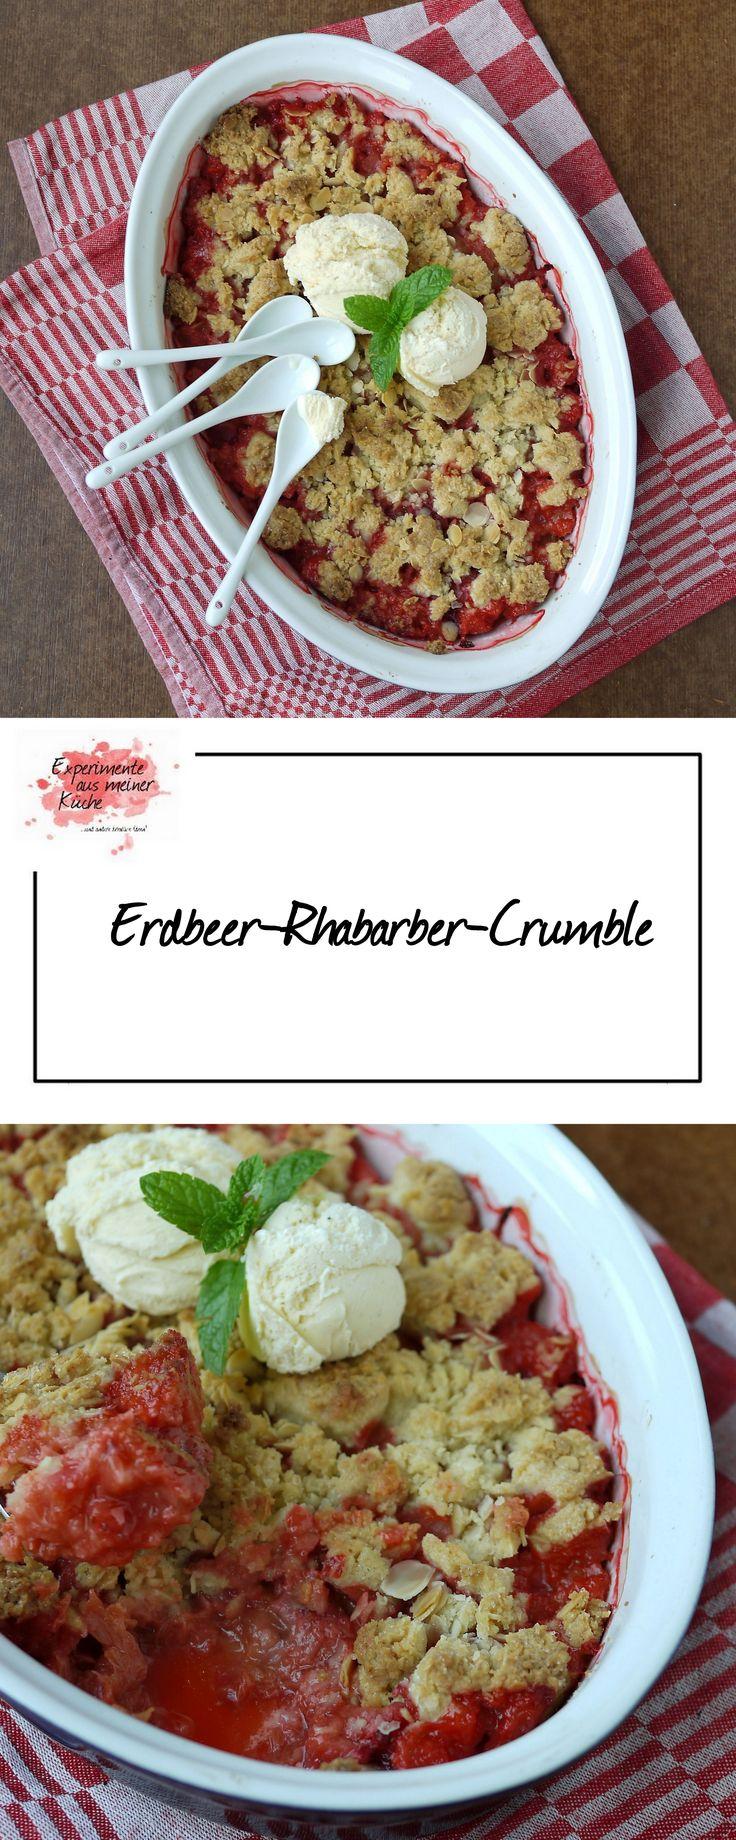 Experimente aus meiner Küche: Erdbeer-Rhabarber-Crumble mit Mandeln